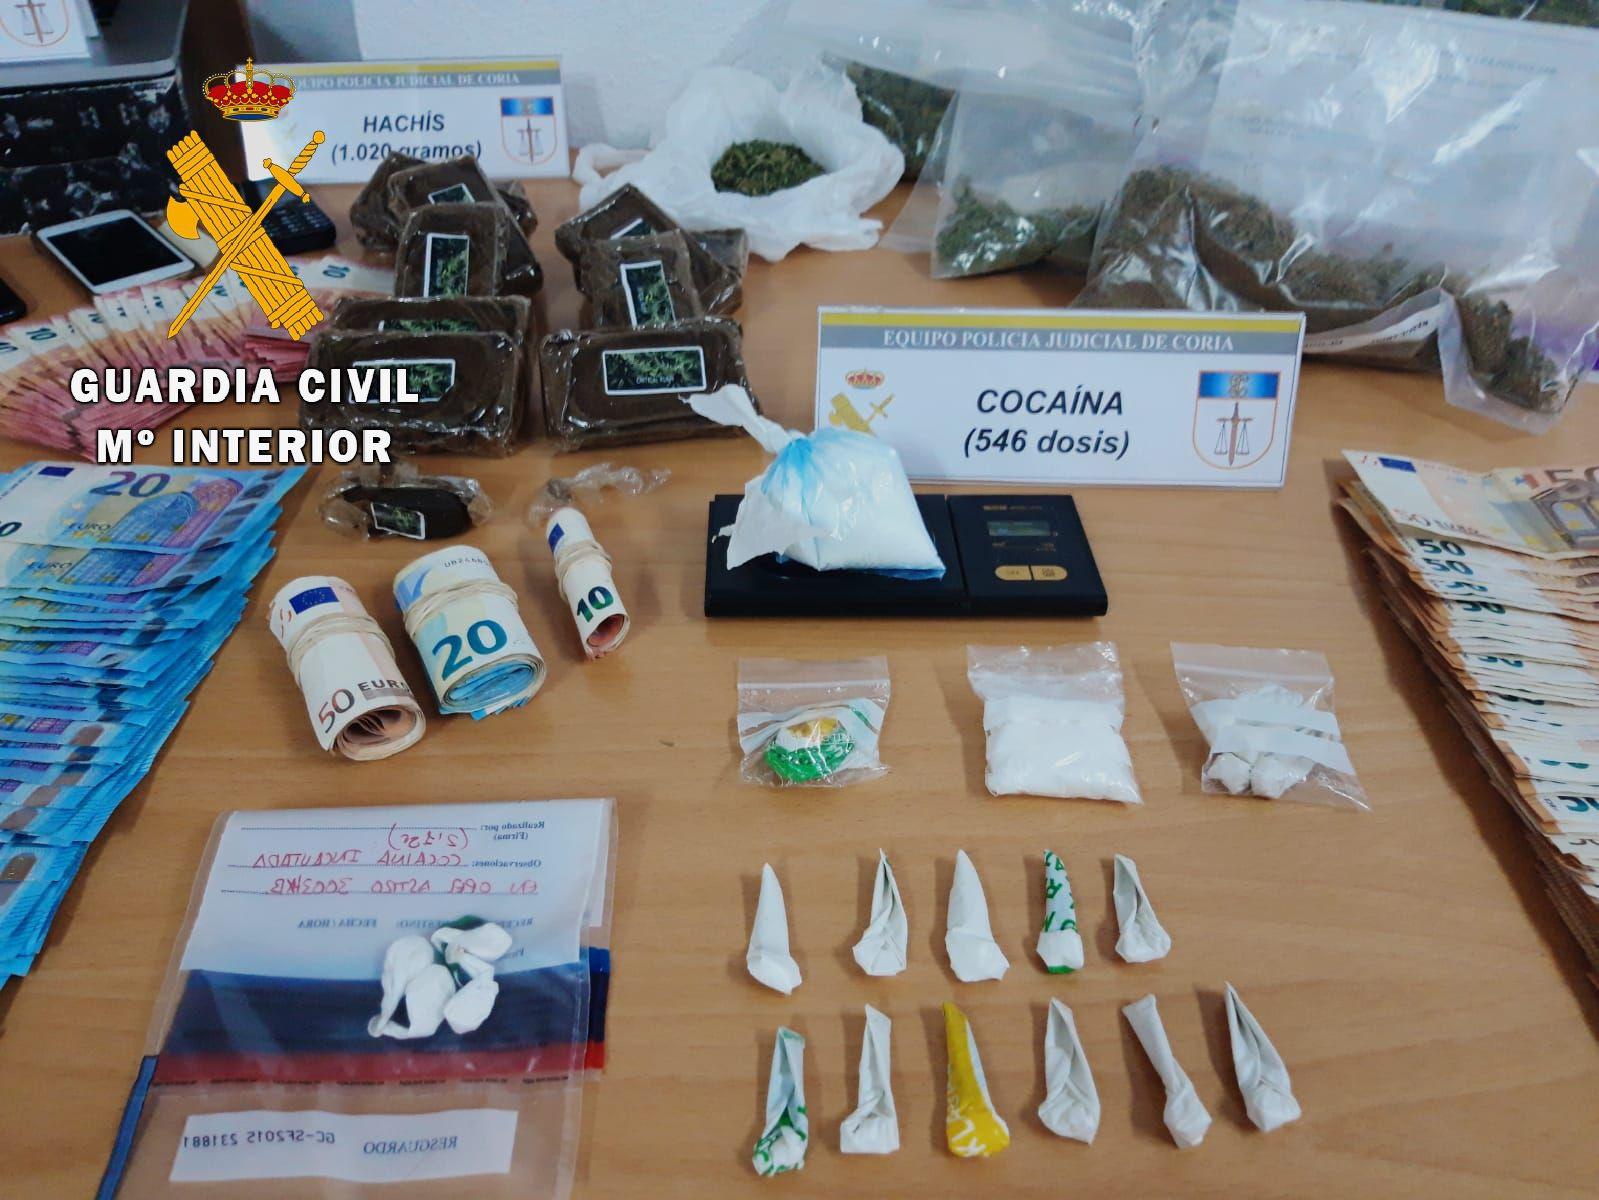 Desmantelan cuatro puntos de venta de droga en Coria y detienen a 5 personas